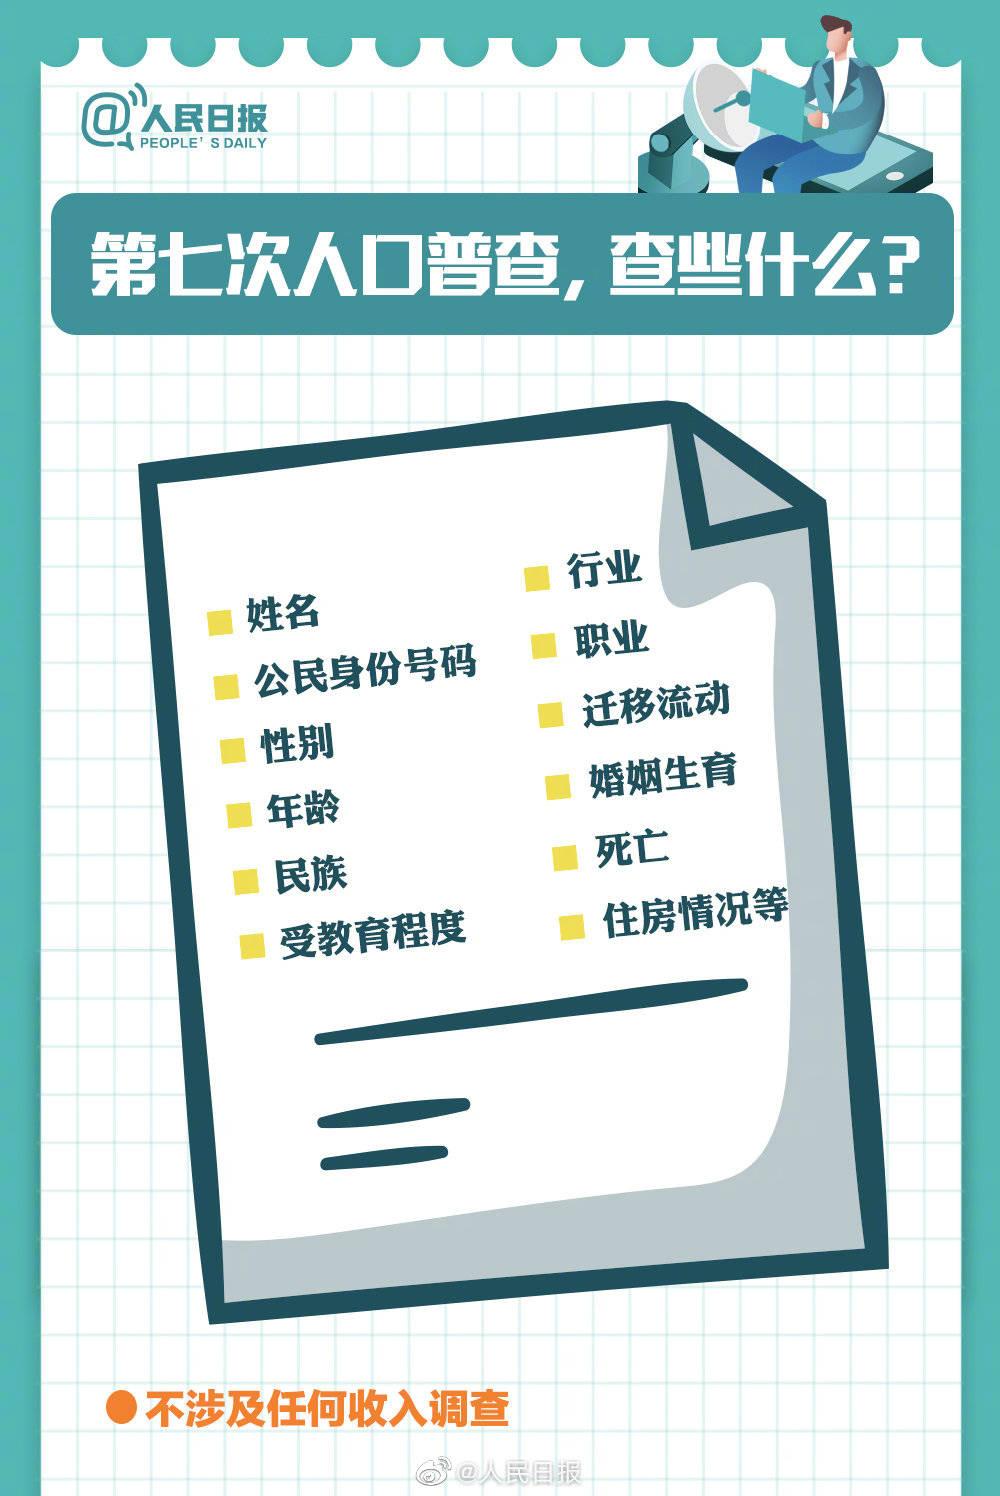 吴江市人口2020总人数口_香港人口2020总人数口